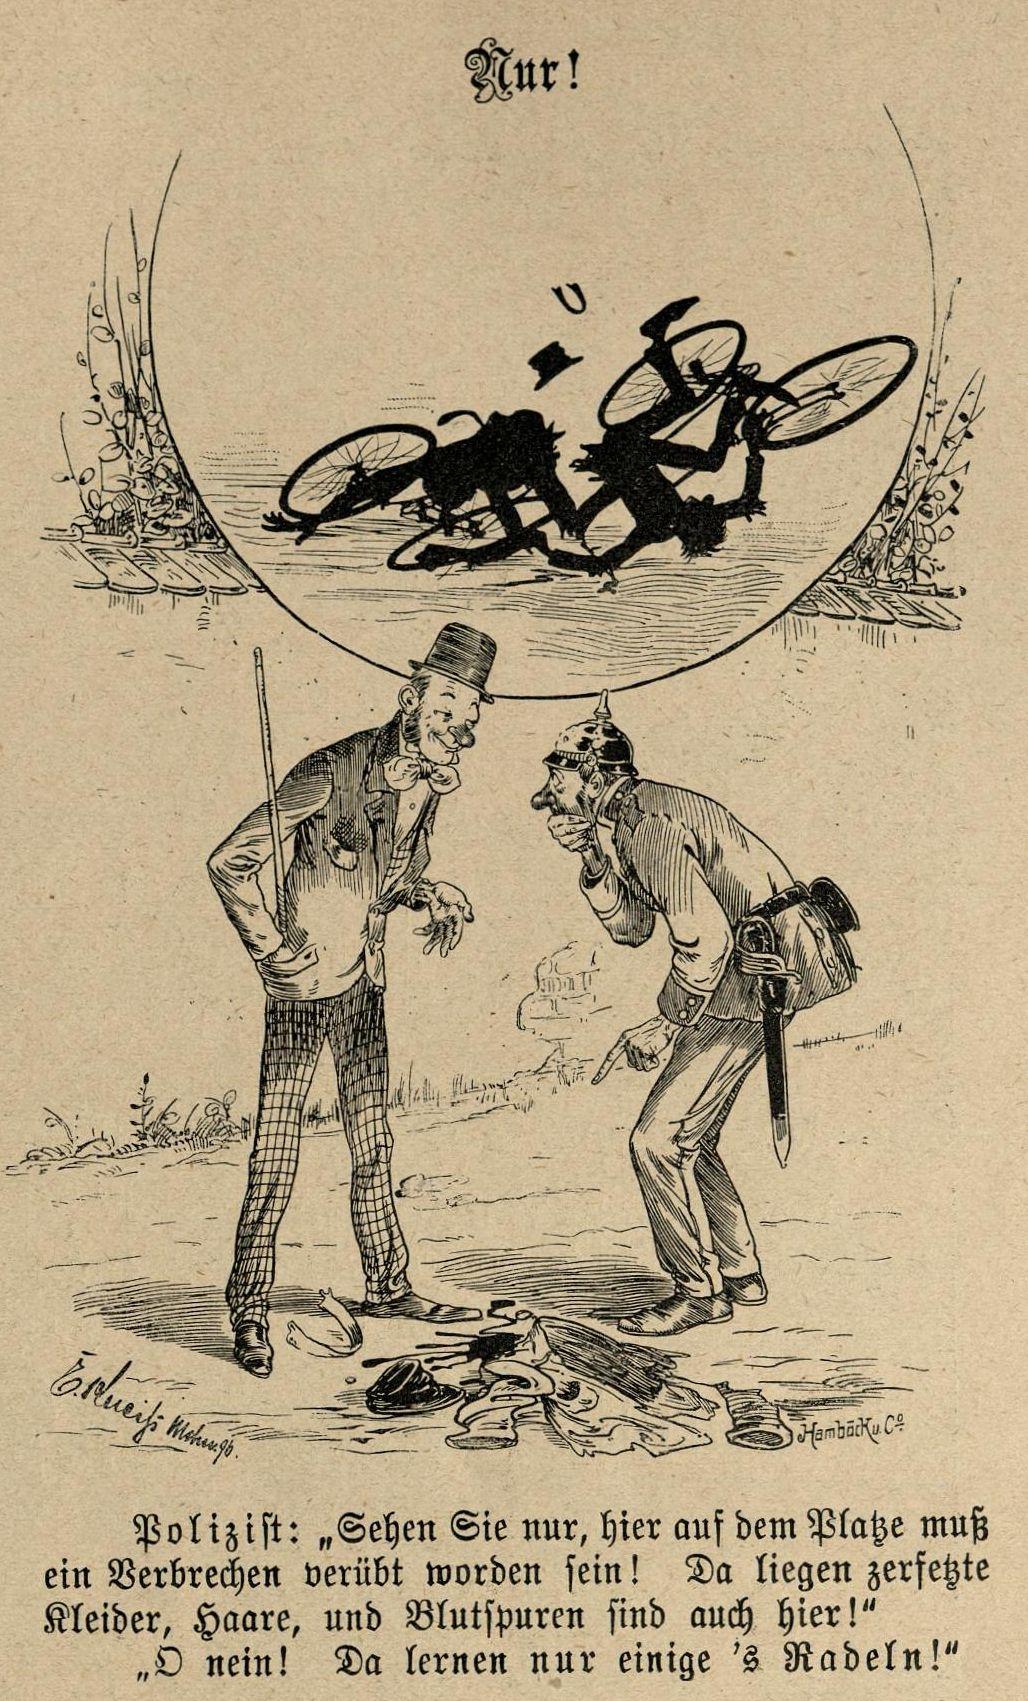 """Bild: O nein! Da lernen nur einige 's Radeln!"""""""